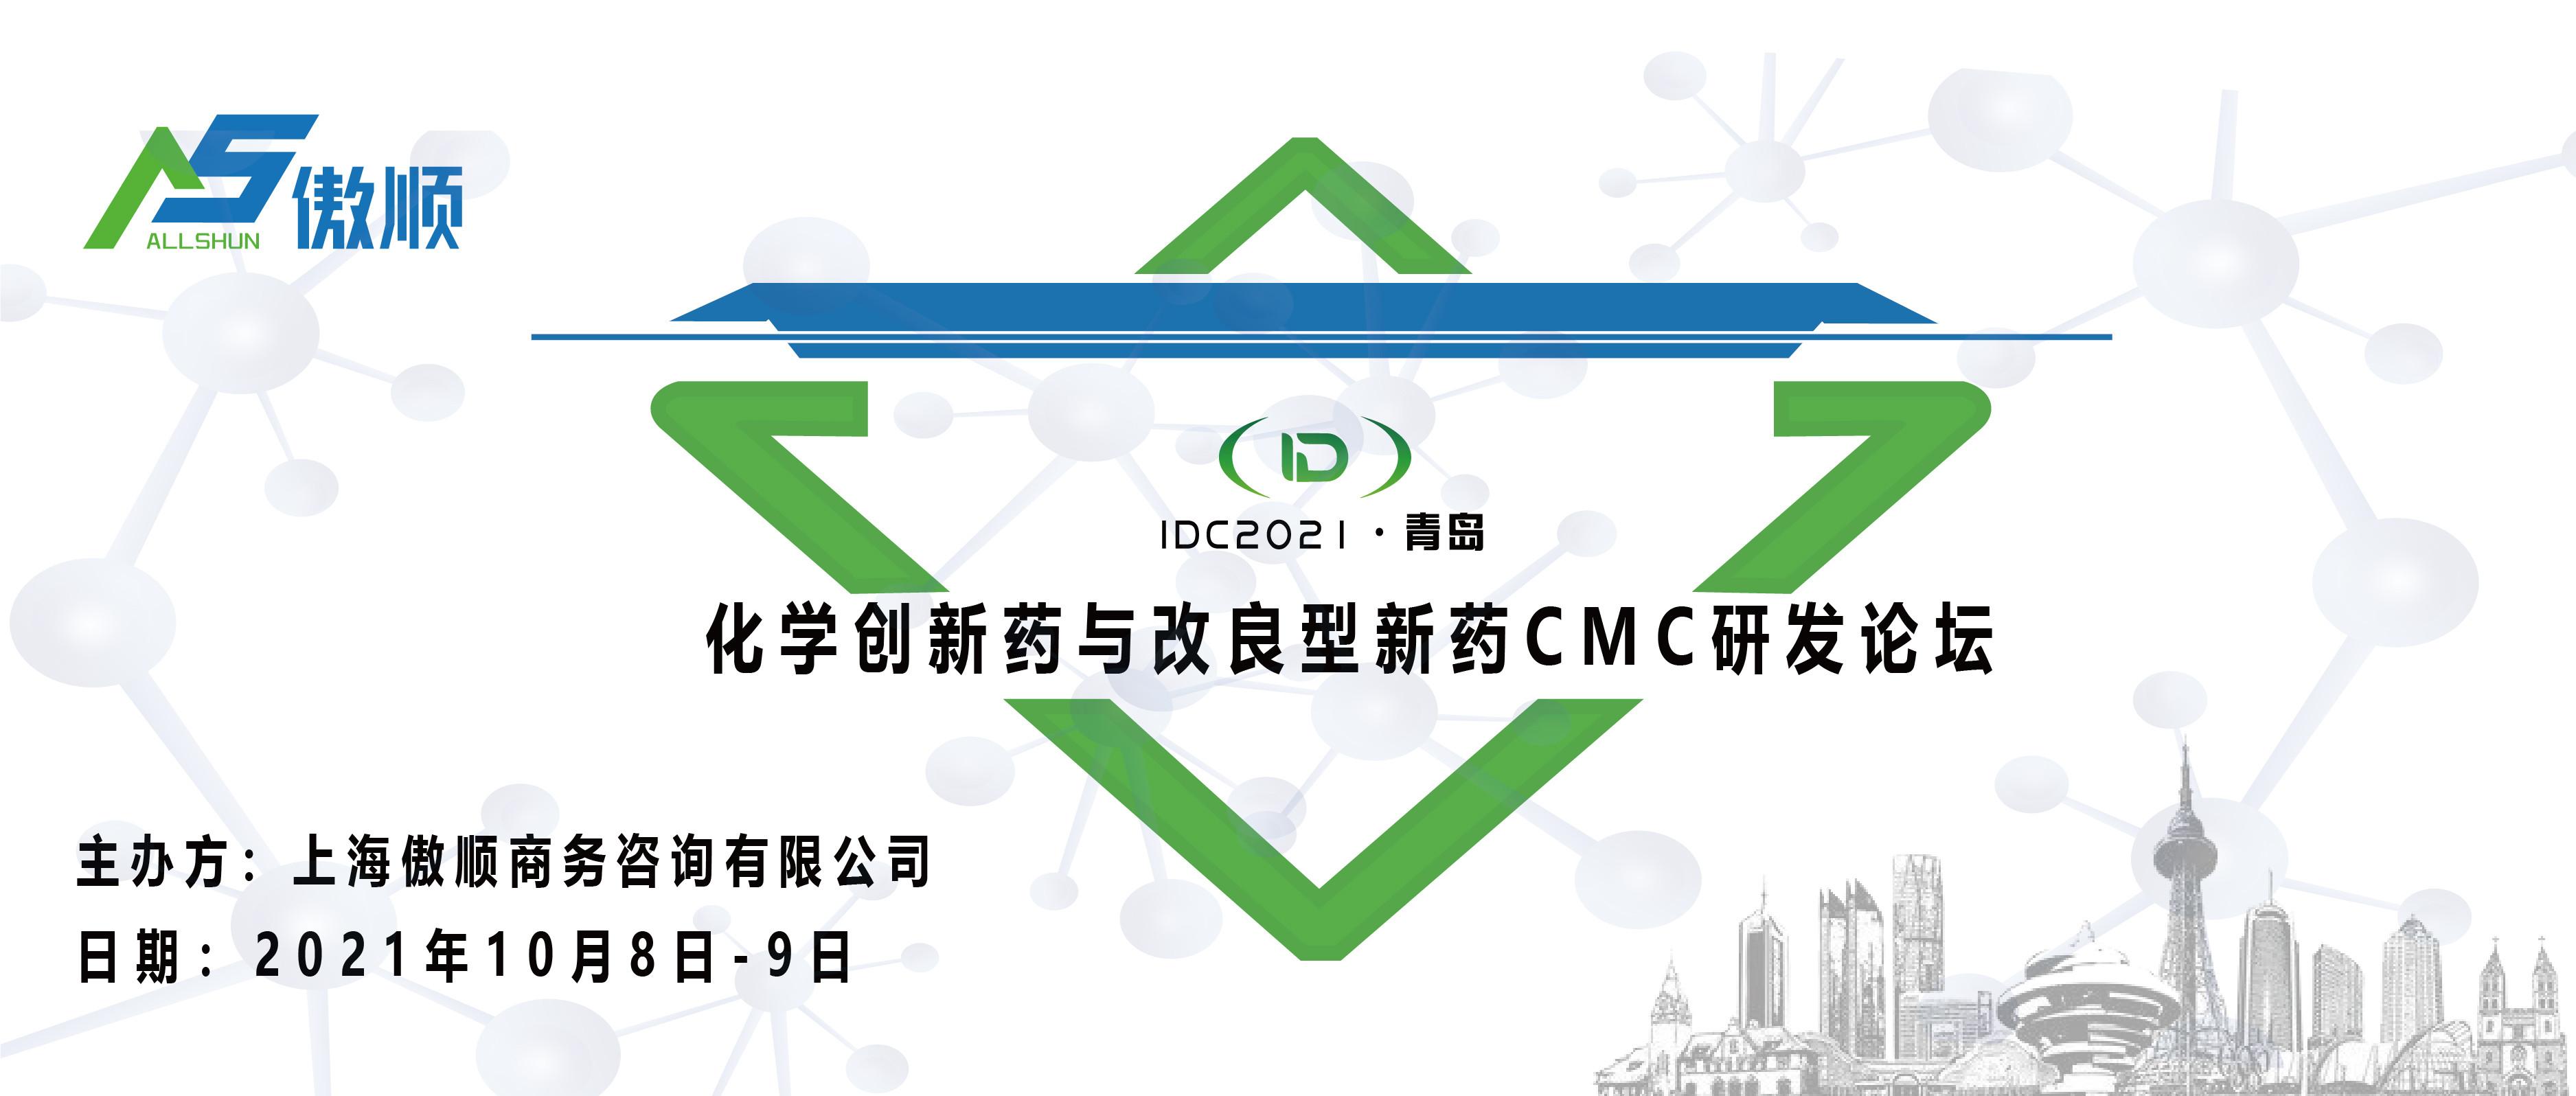 IDC2021化学创新药与改良型新药CMC研发论坛